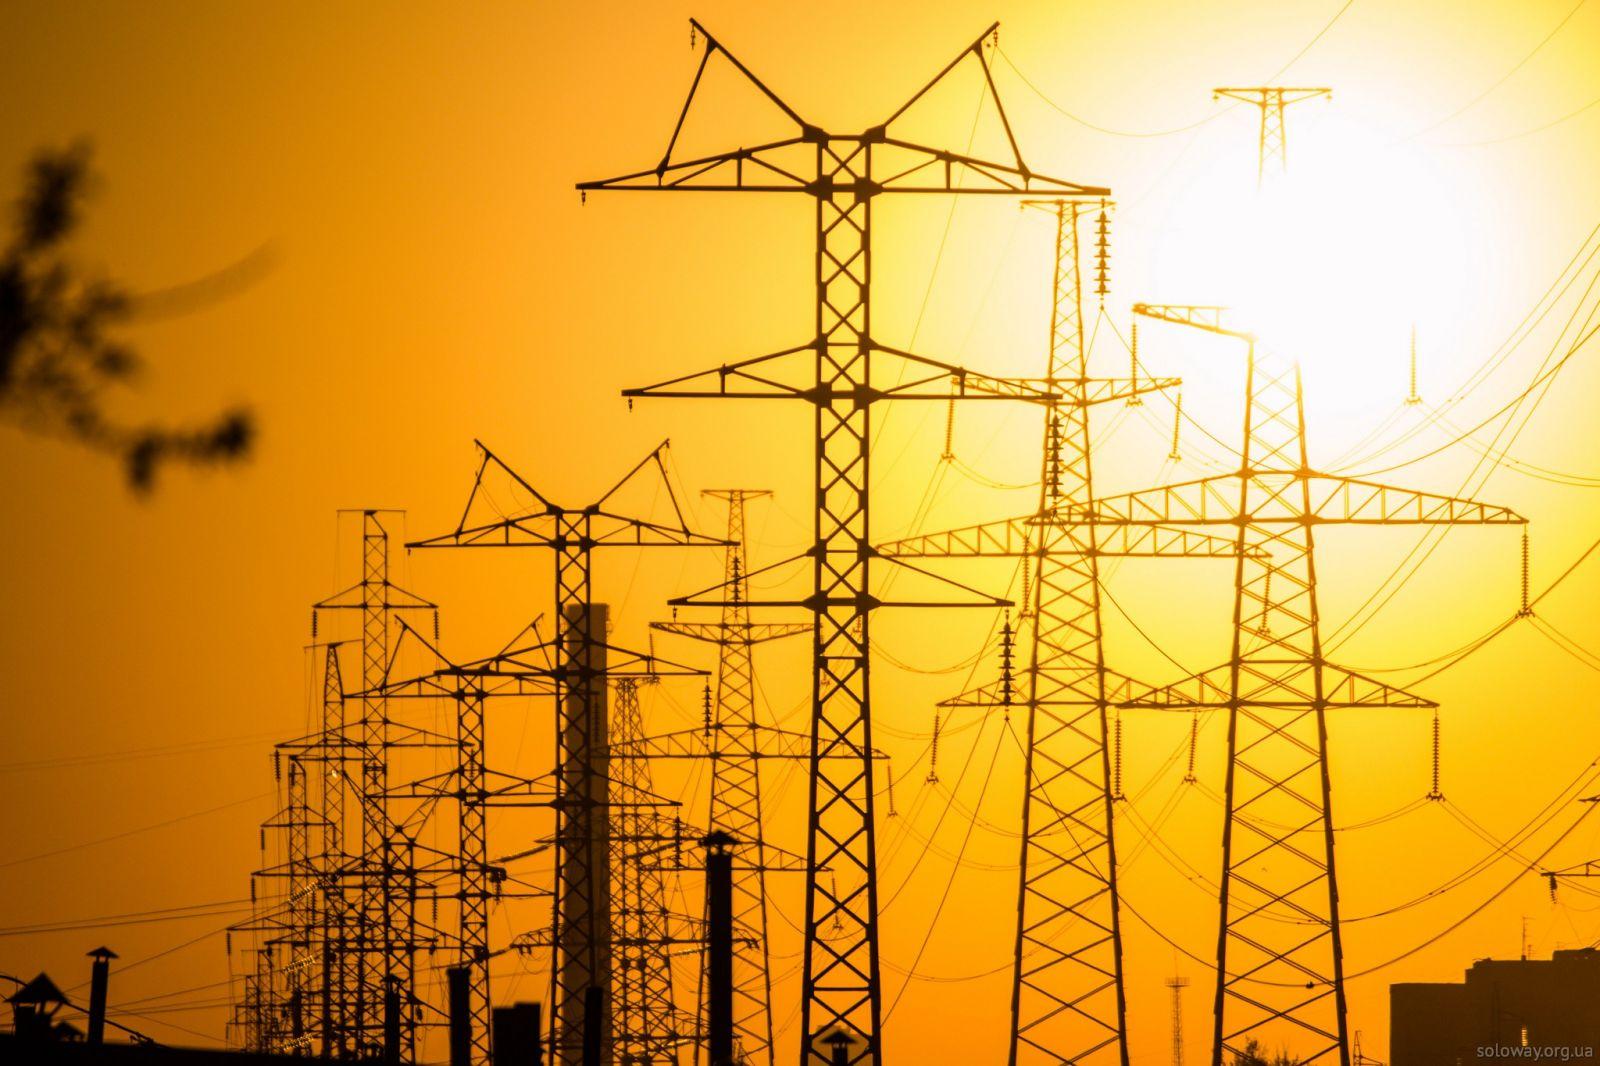 Без инвестиций в электросети Украина будет терять 20 млрд гривен ежегодн...